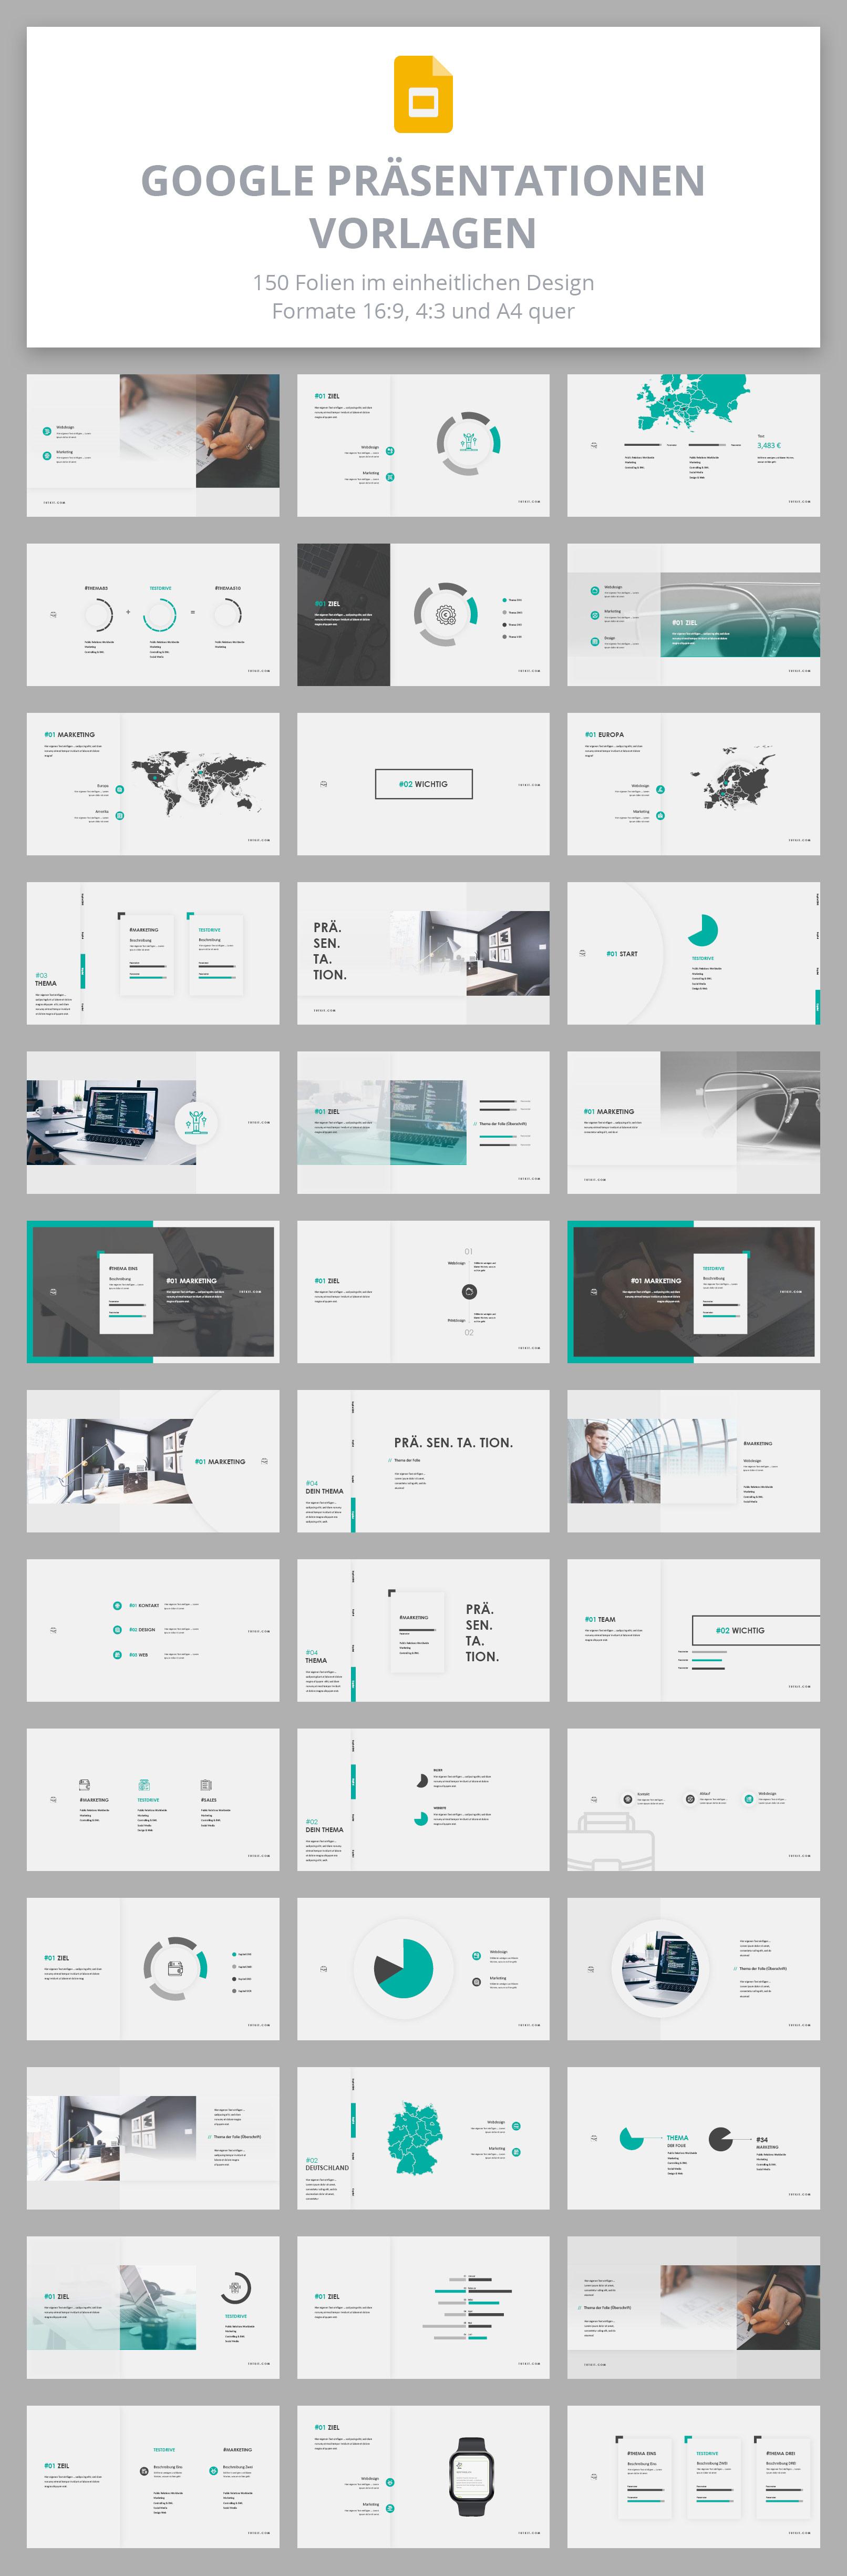 Vorlagen für Google Präsentationen im Air-Design: Überblick über die Layouts